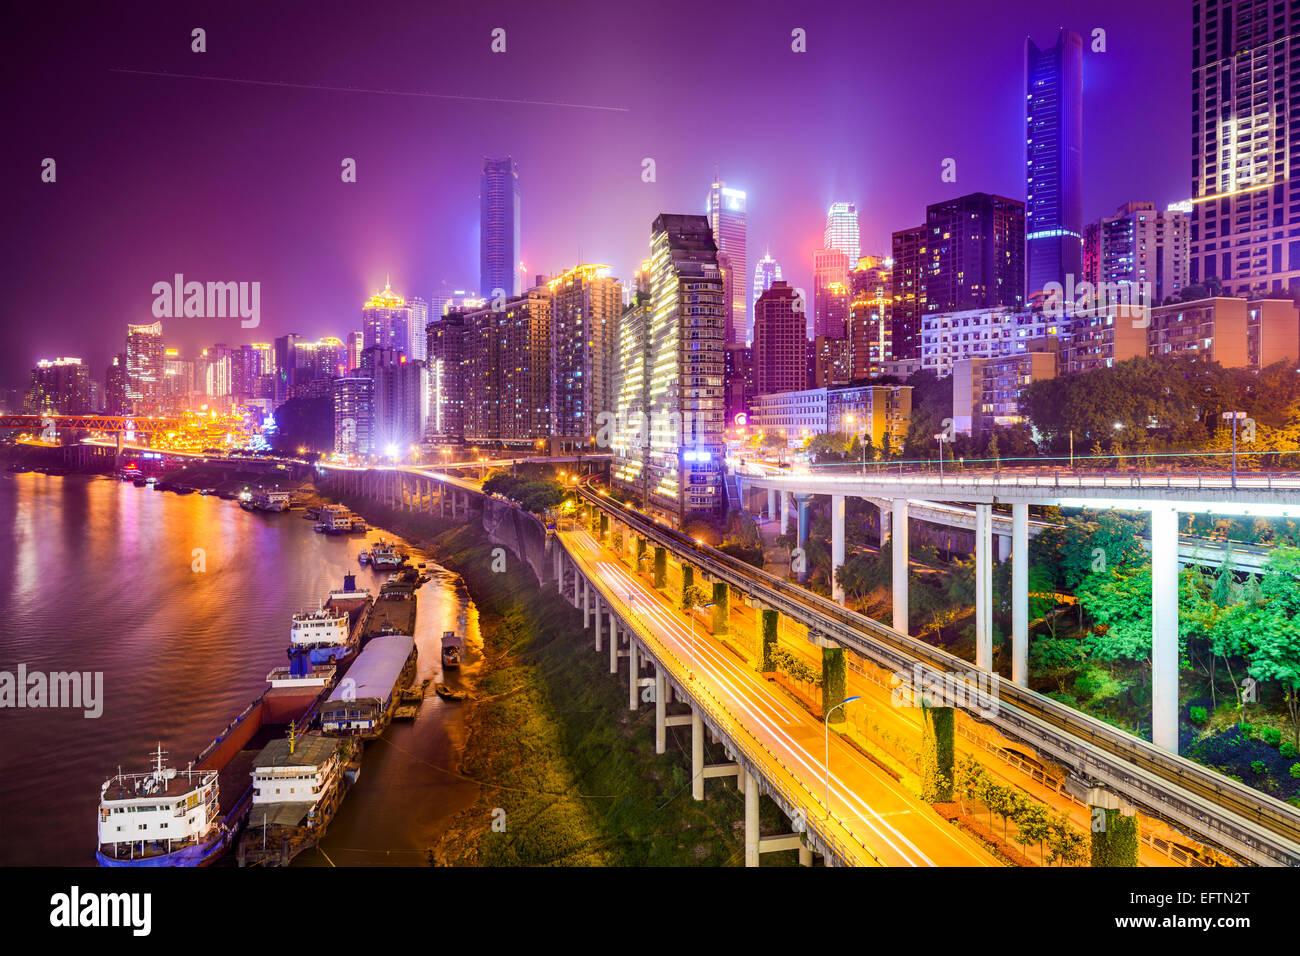 Chongqing, China riverside cityscape at night. - Stock Image